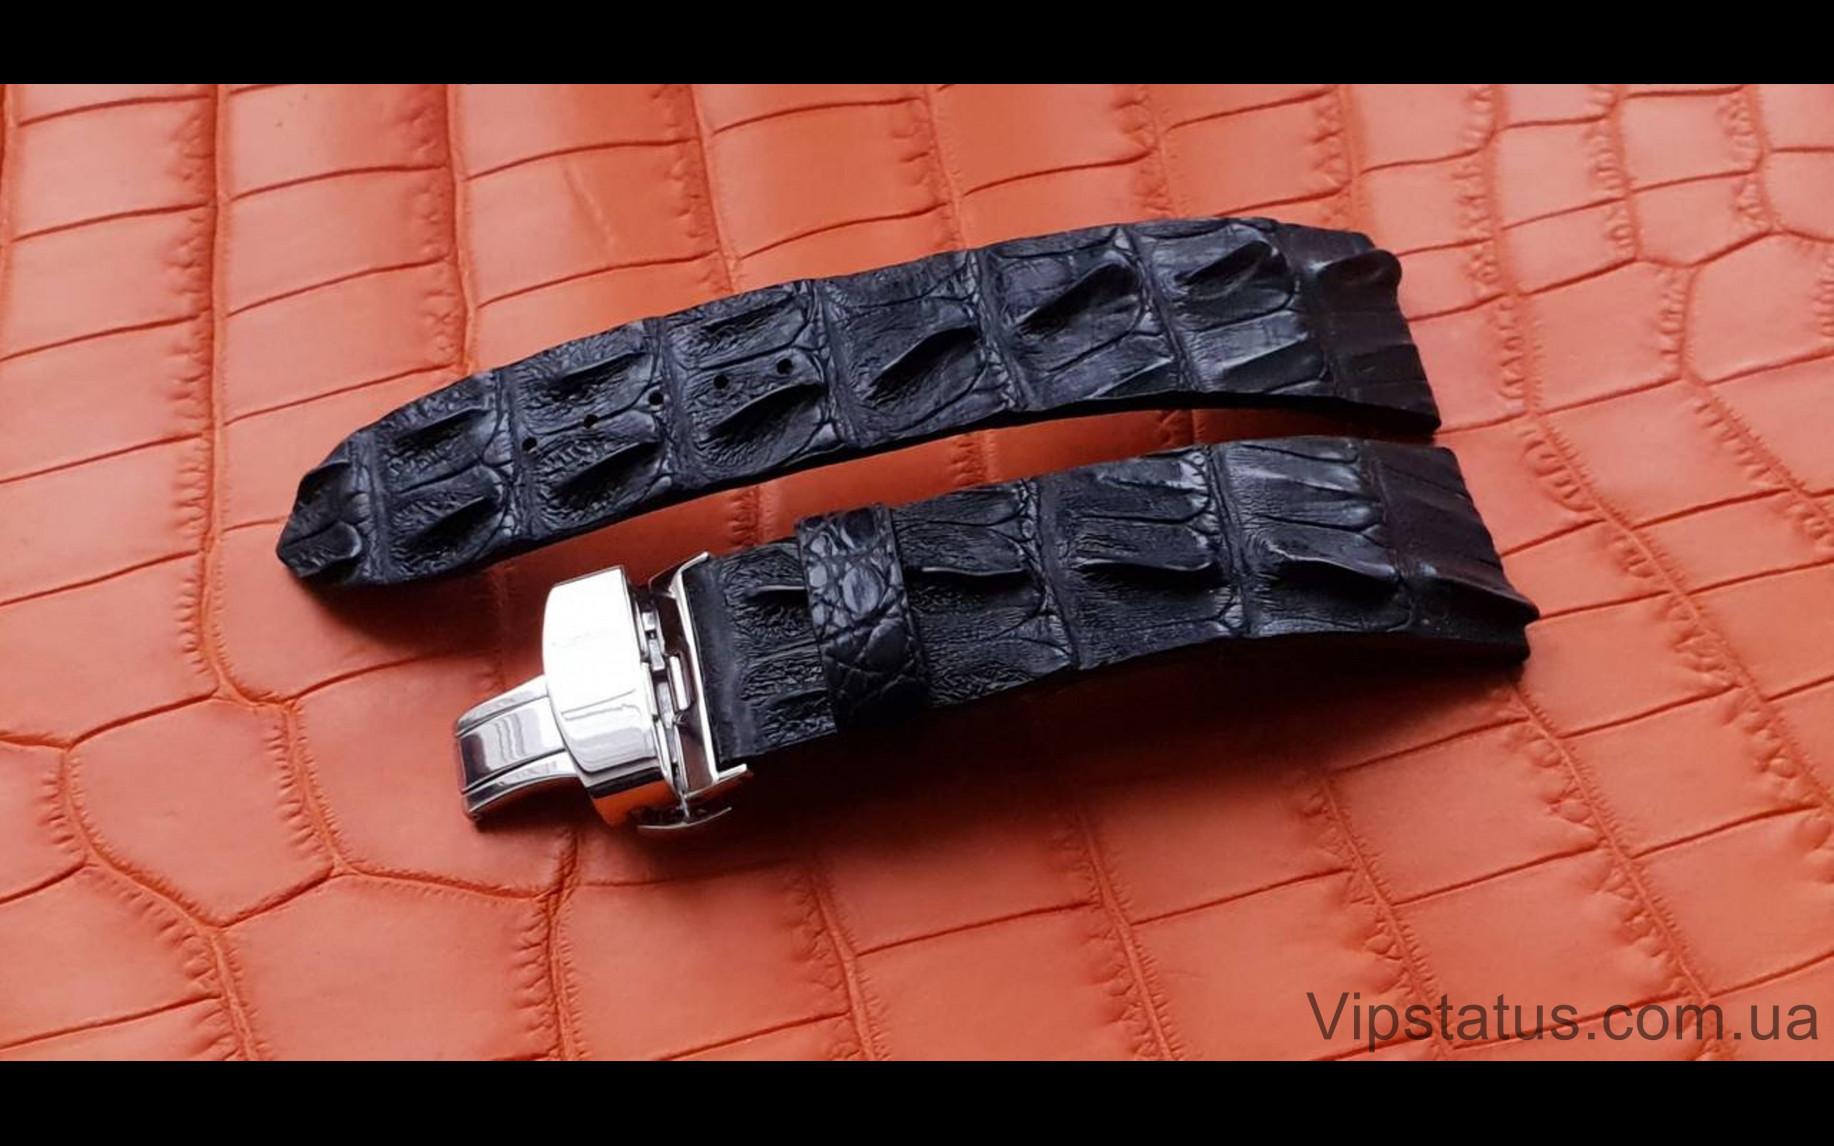 Elite Элитный ремешок для часов IWC кожа крокодила Elite Crocodile Strap for IWC watches image 1